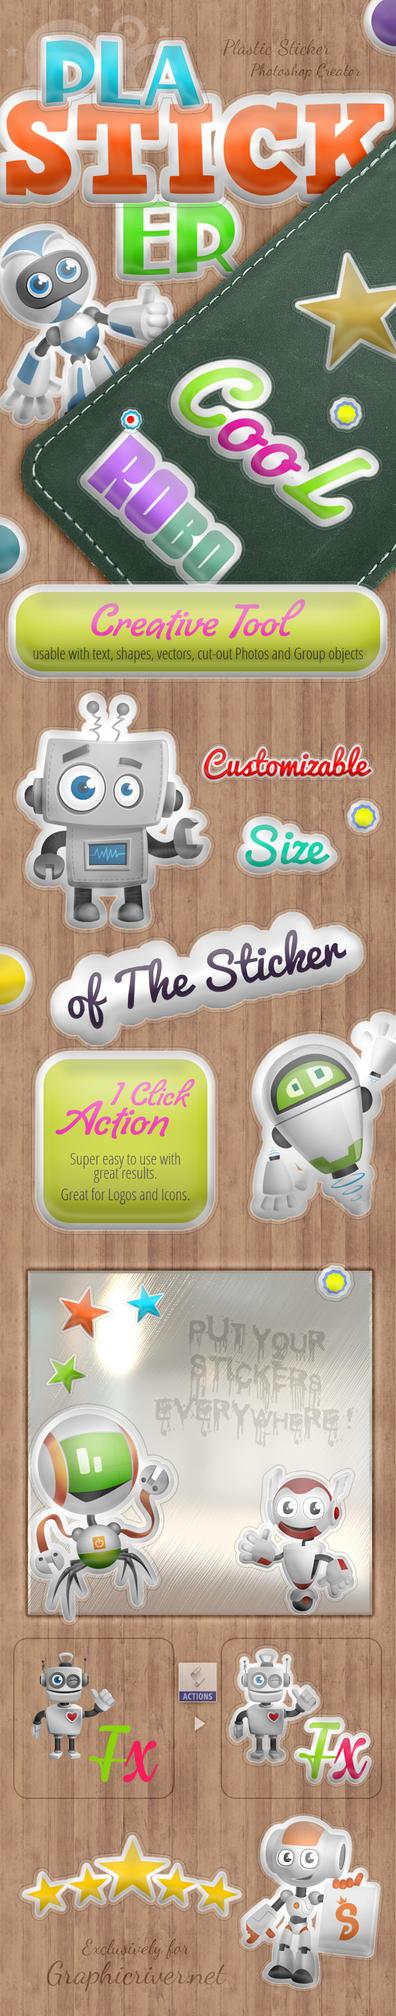 Plastic Sticker - Photoshop Actions by survivorcz